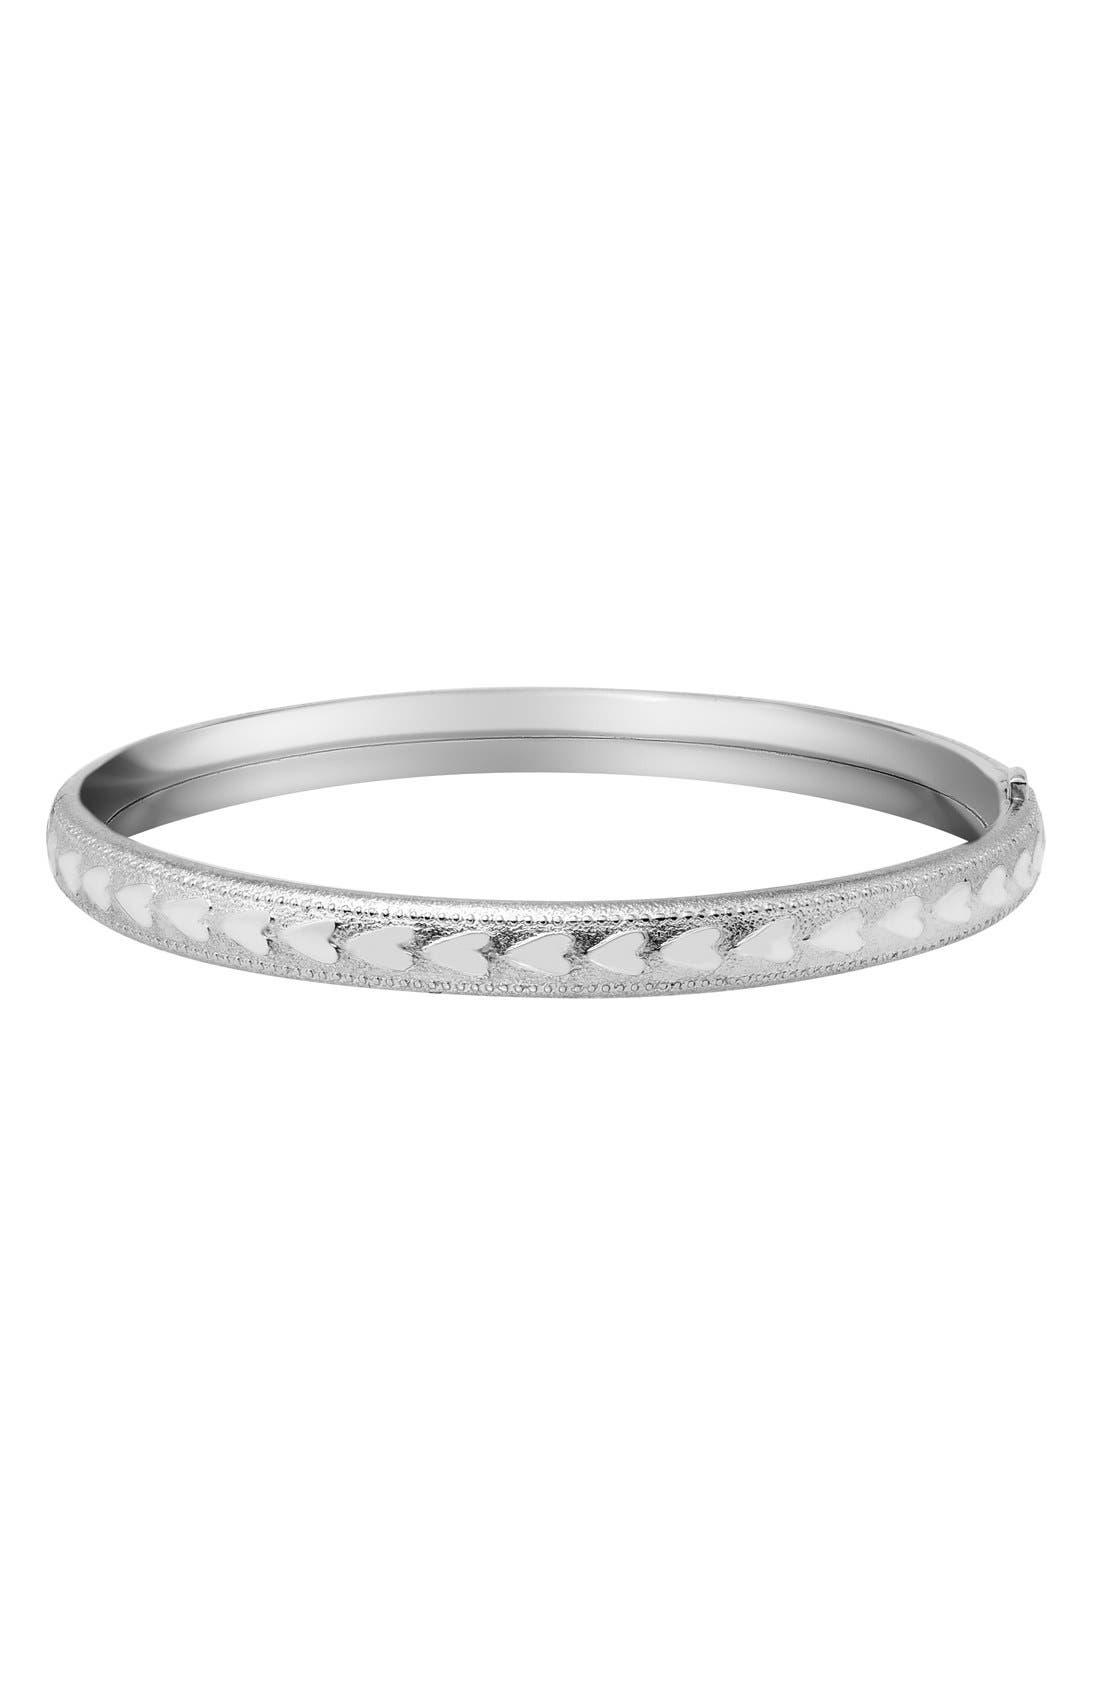 Main Image - Mignonette 'Heart' Sterling Silver Bracelet (Girls)